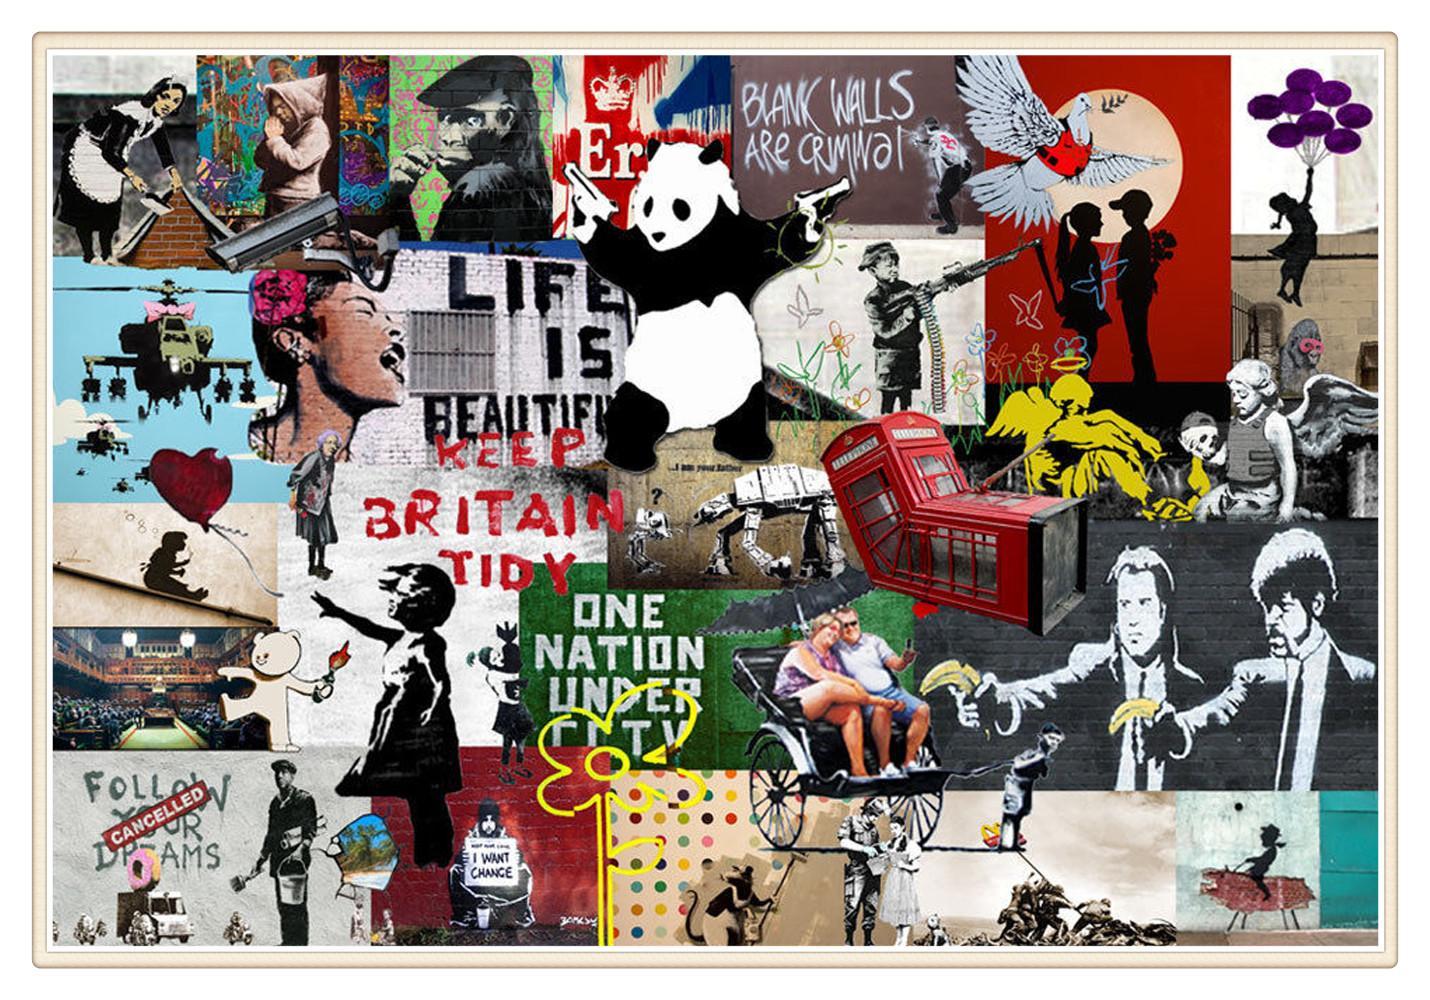 Grosshandel Banksy Collage Montage Neu Home Decor Hd Gedruckt Moderne Kunst Malerei Auf Leinwand Ungerahmt Gerahmt Von Ronxing02 5 84 Auf De Dhgate Com Dhgate